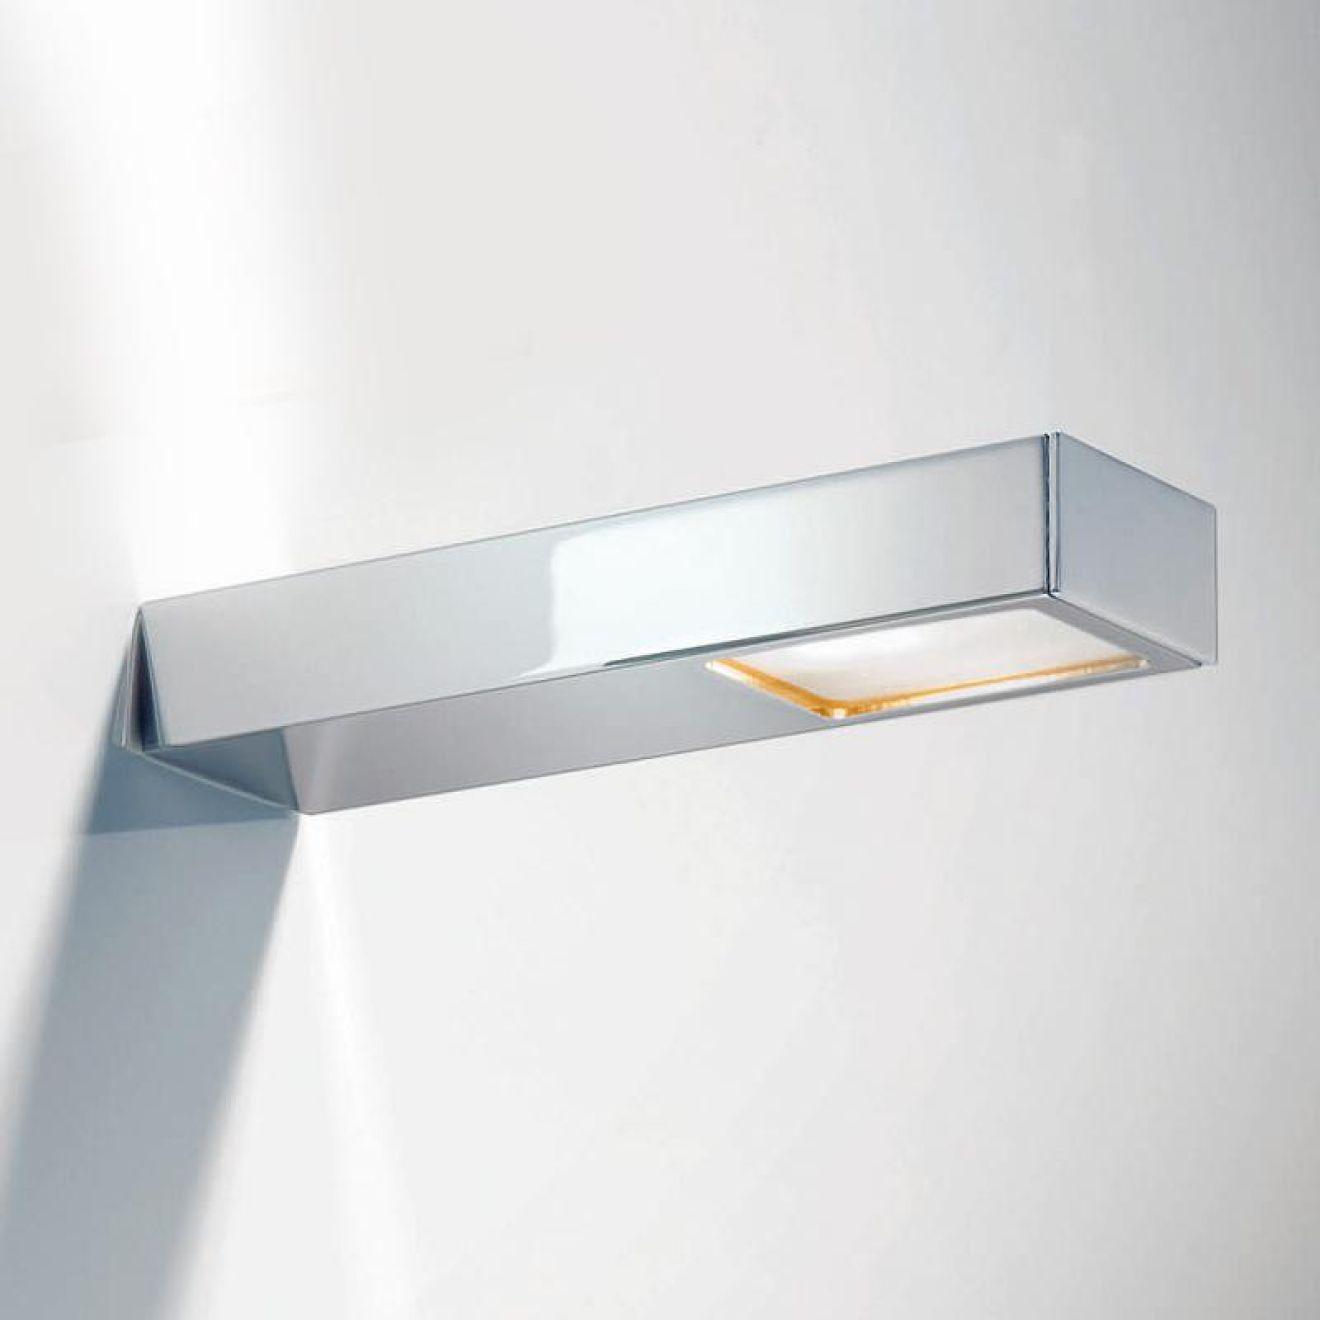 decor walther flat 2 wanldeuchte 0332200. Black Bedroom Furniture Sets. Home Design Ideas